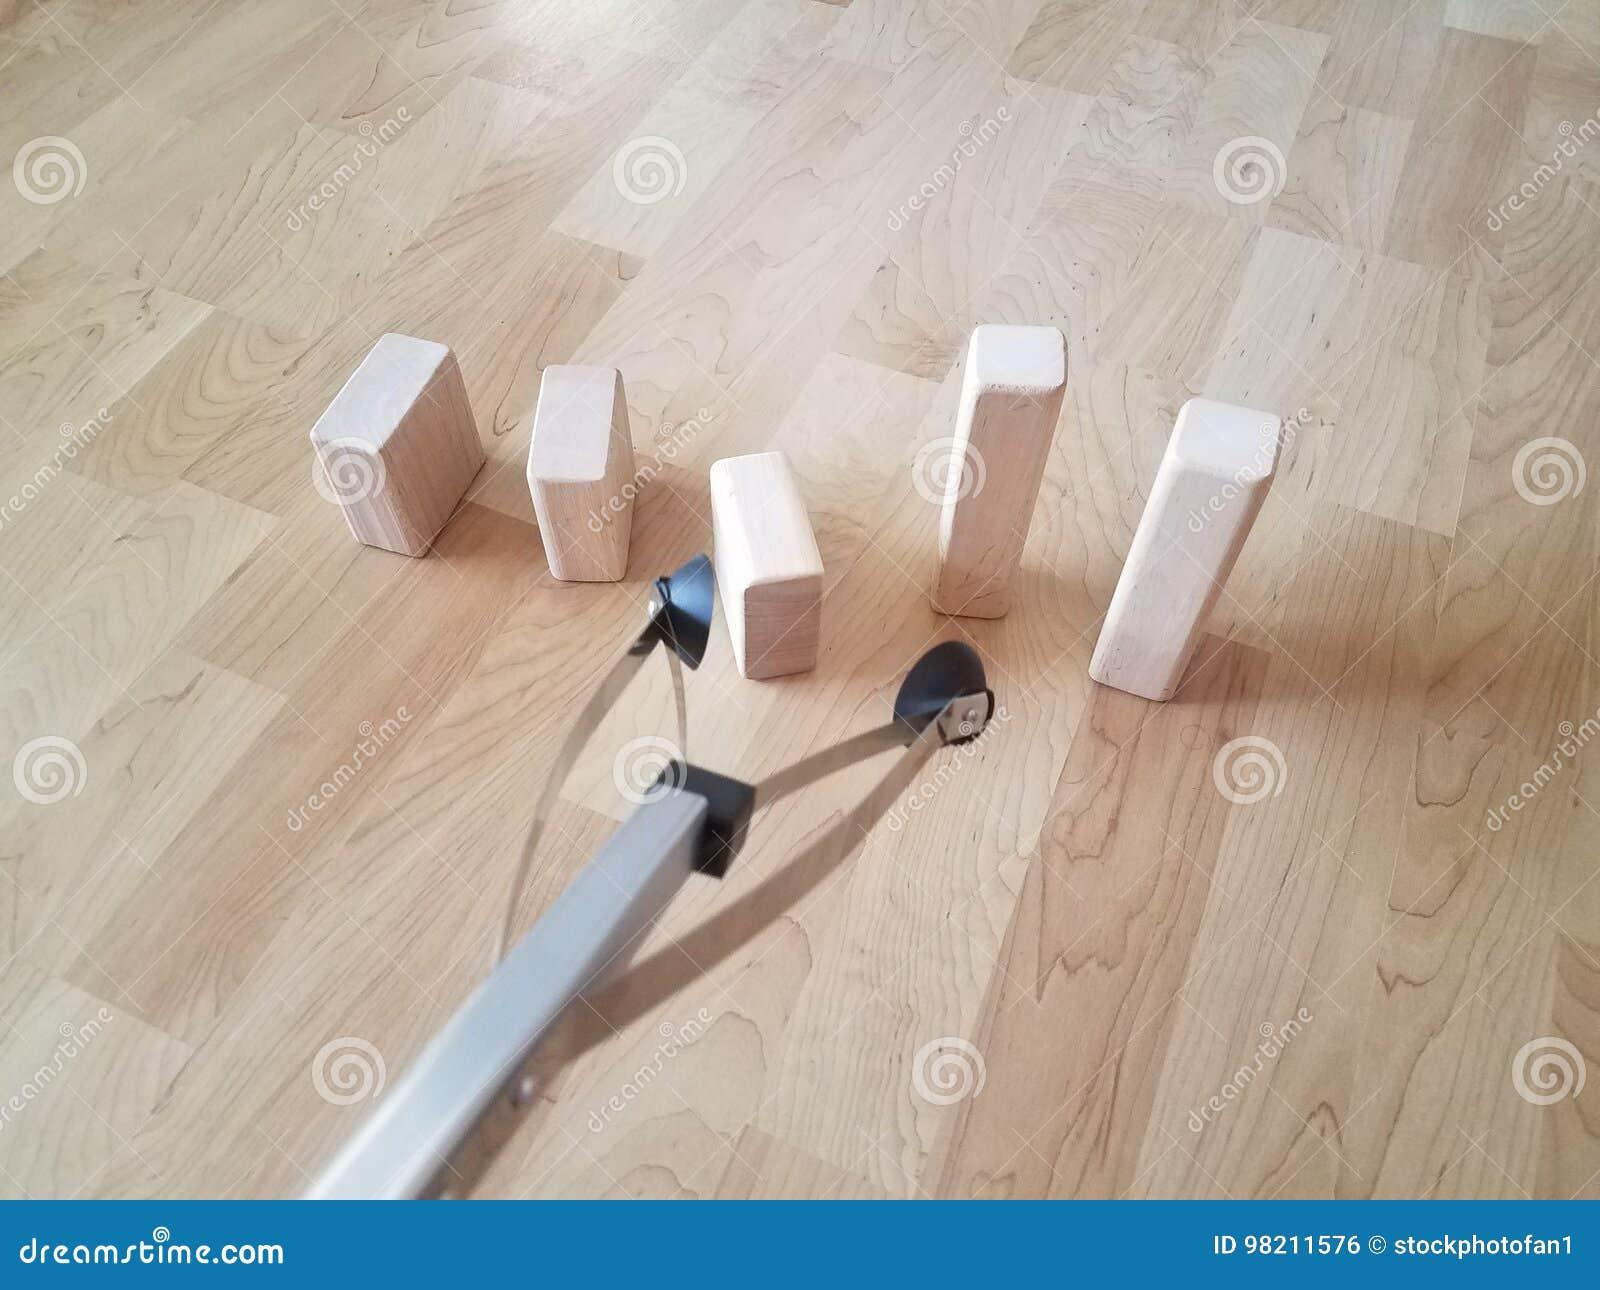 Fußboden Aus Holzklötzen ~ Werkzeug zum von gegenständen mit holzklötzen zu ergreifen